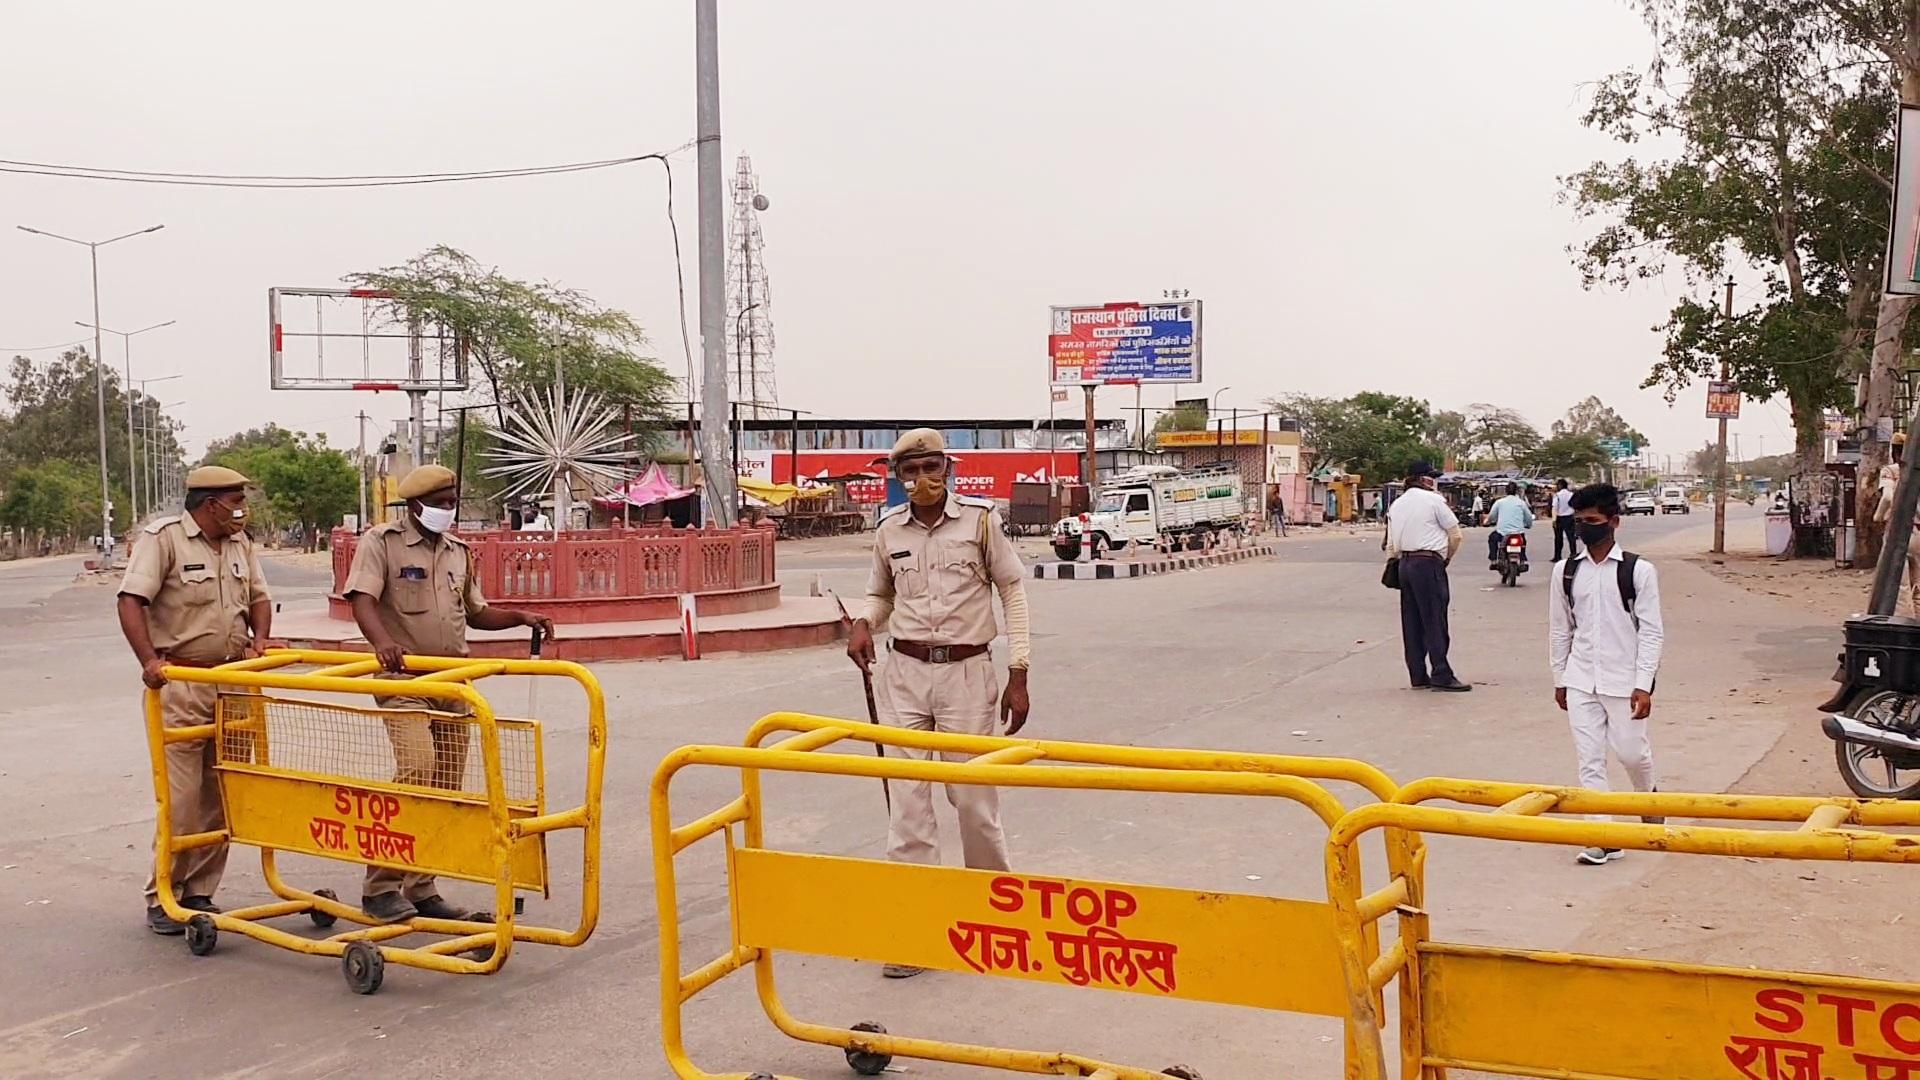 दौसा में पुलिस की कड़ाई से लोग घरों से कम ही निकल रहे हैँ। - Dainik Bhaskar